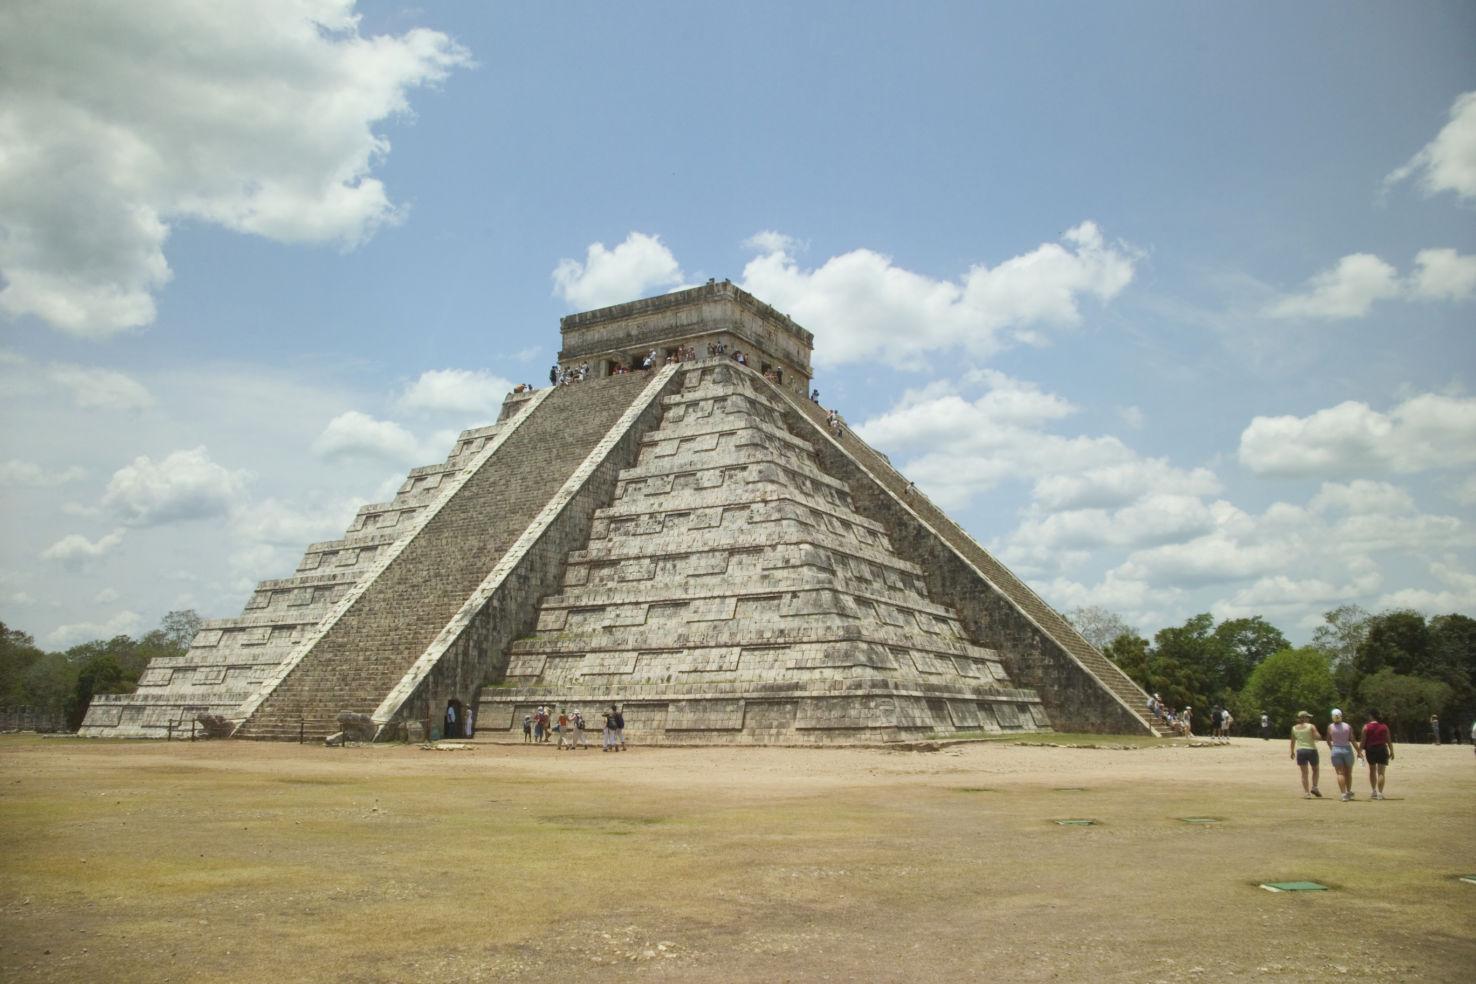 Chichen Itza, Yucatan peninsula